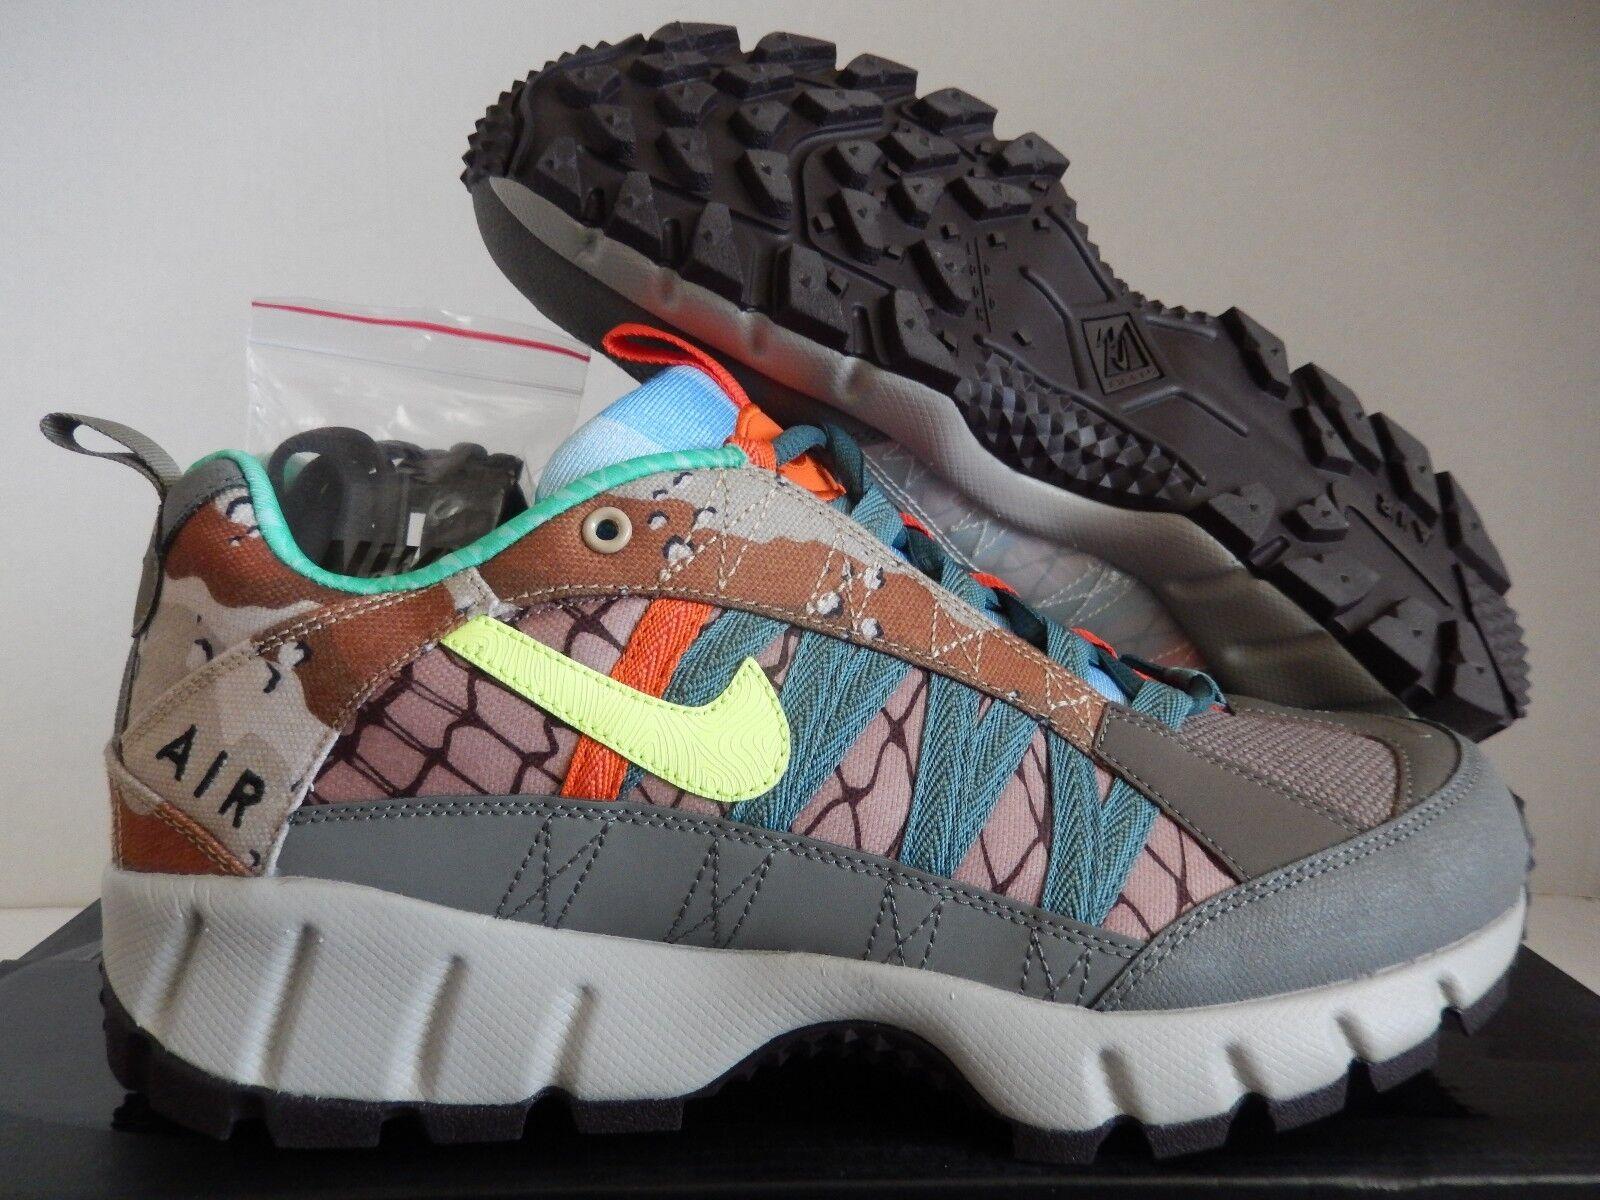 Nike air humara 17 premi acciaio green-volt bagliore sz 11 [ao2606-300]